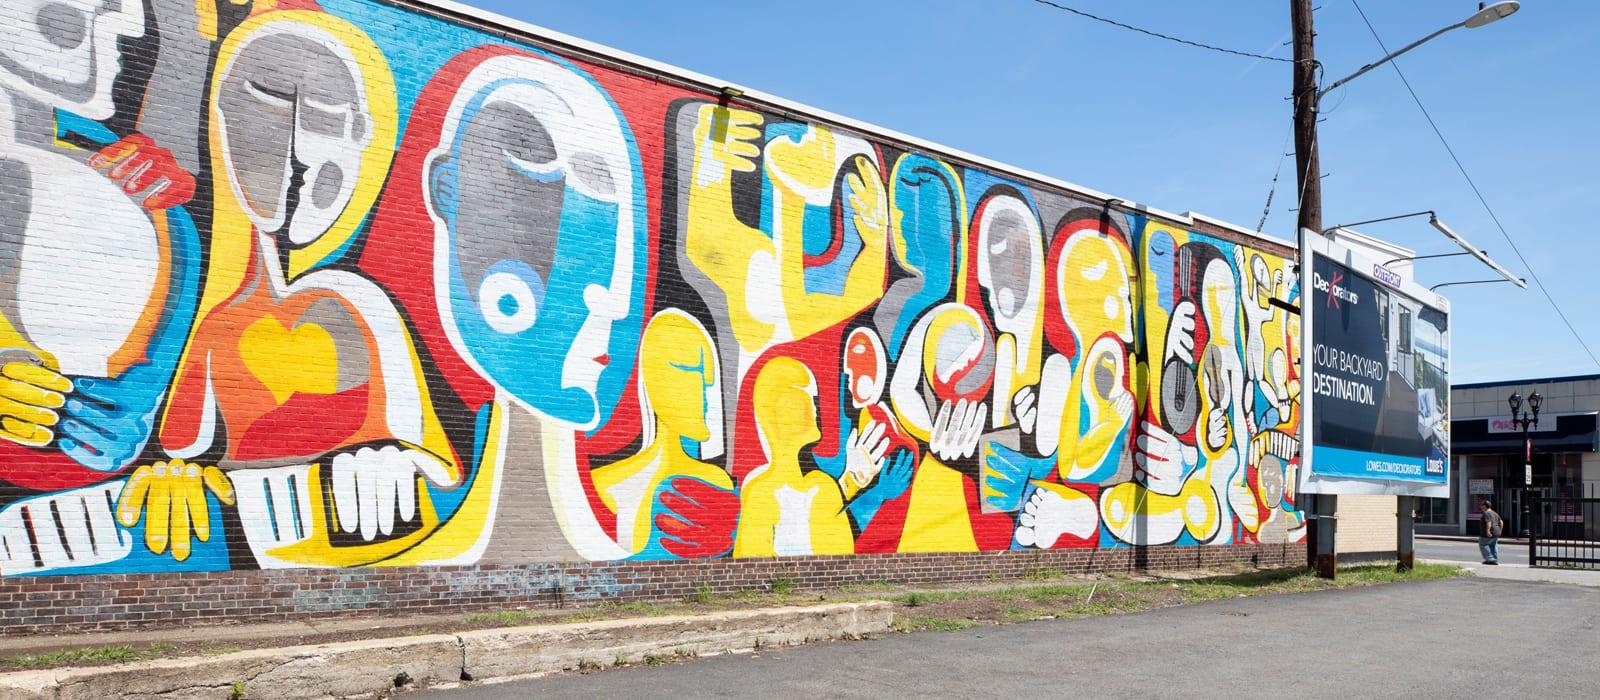 Mural near Alta Union House in Framingham